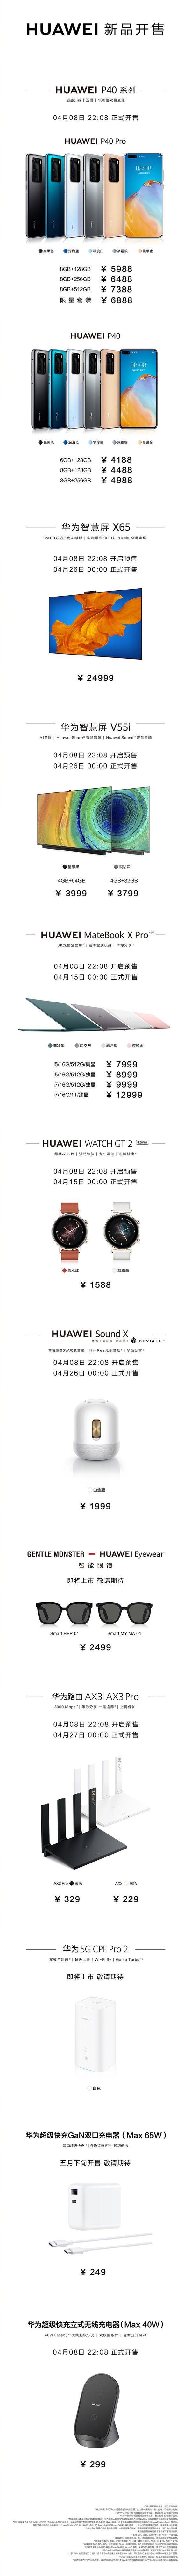 華為12大新品價格匯總:24999元智慧新高